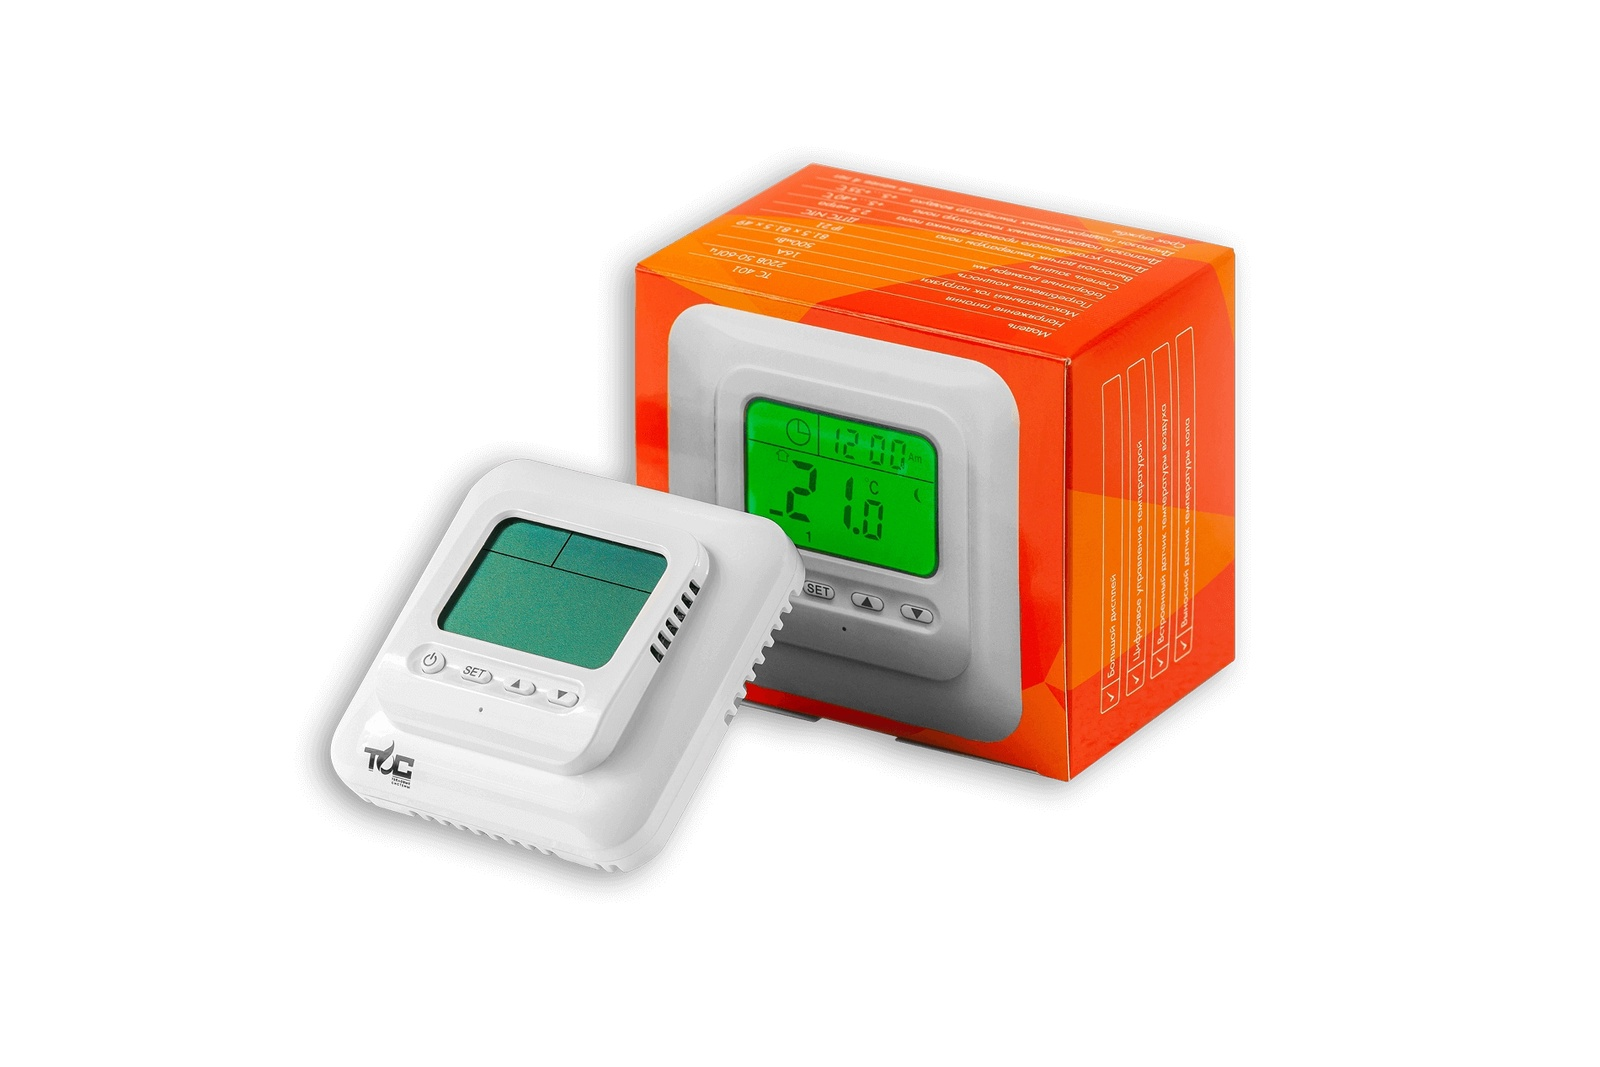 Терморегулятор теплого пола Теплый пол №1 ТС 401, ТС 401